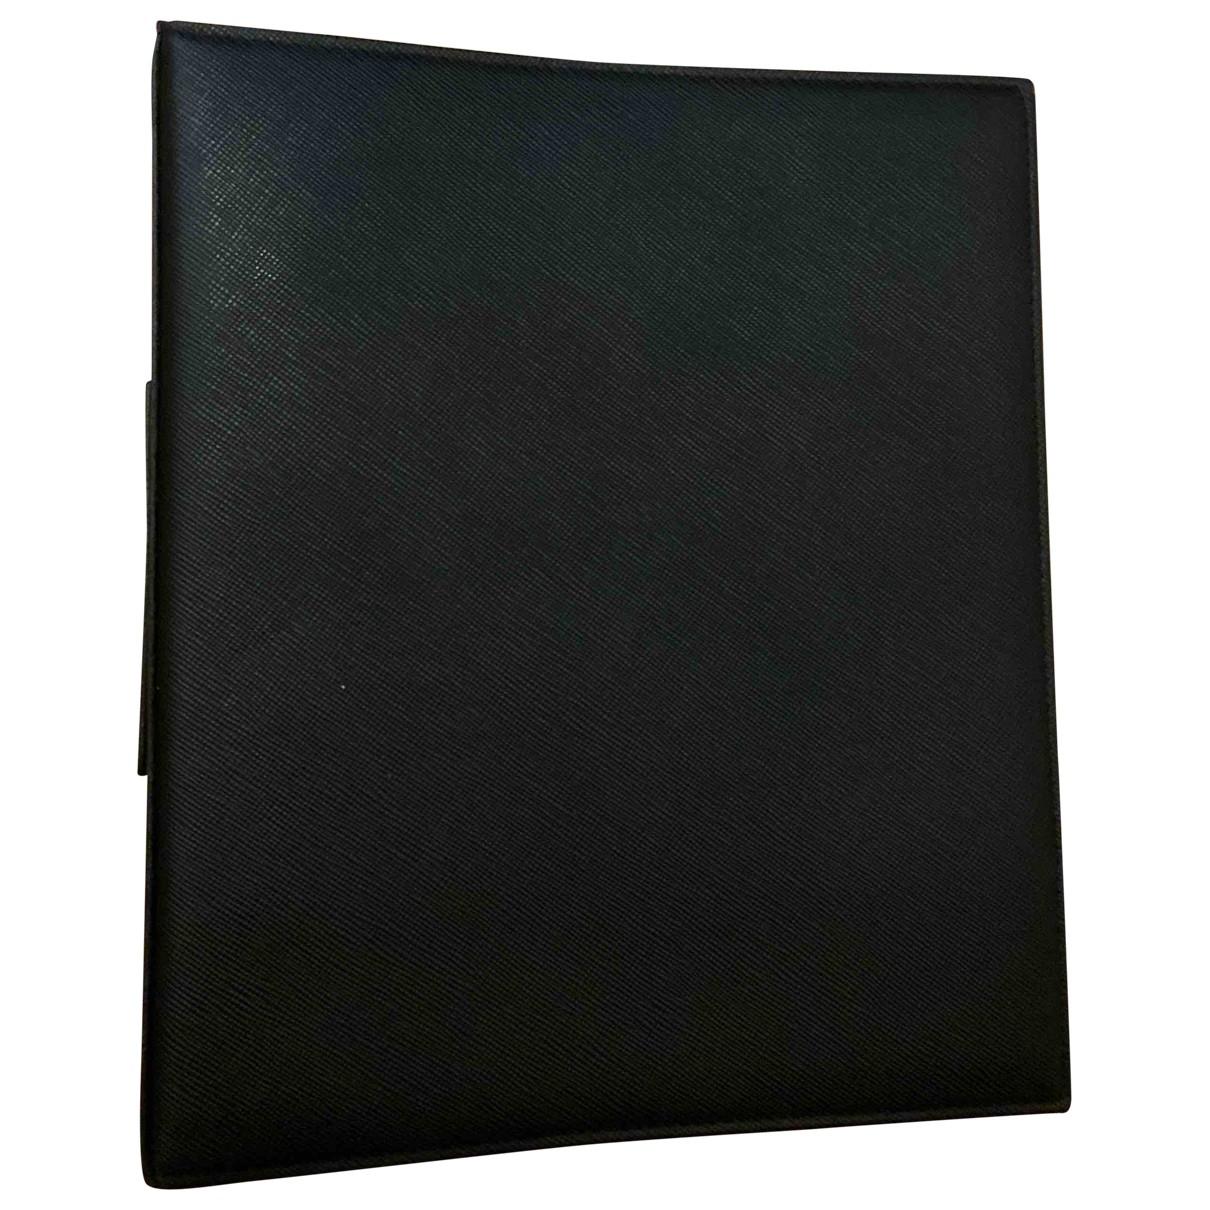 Prada - Objets & Deco   pour lifestyle en cuir - noir